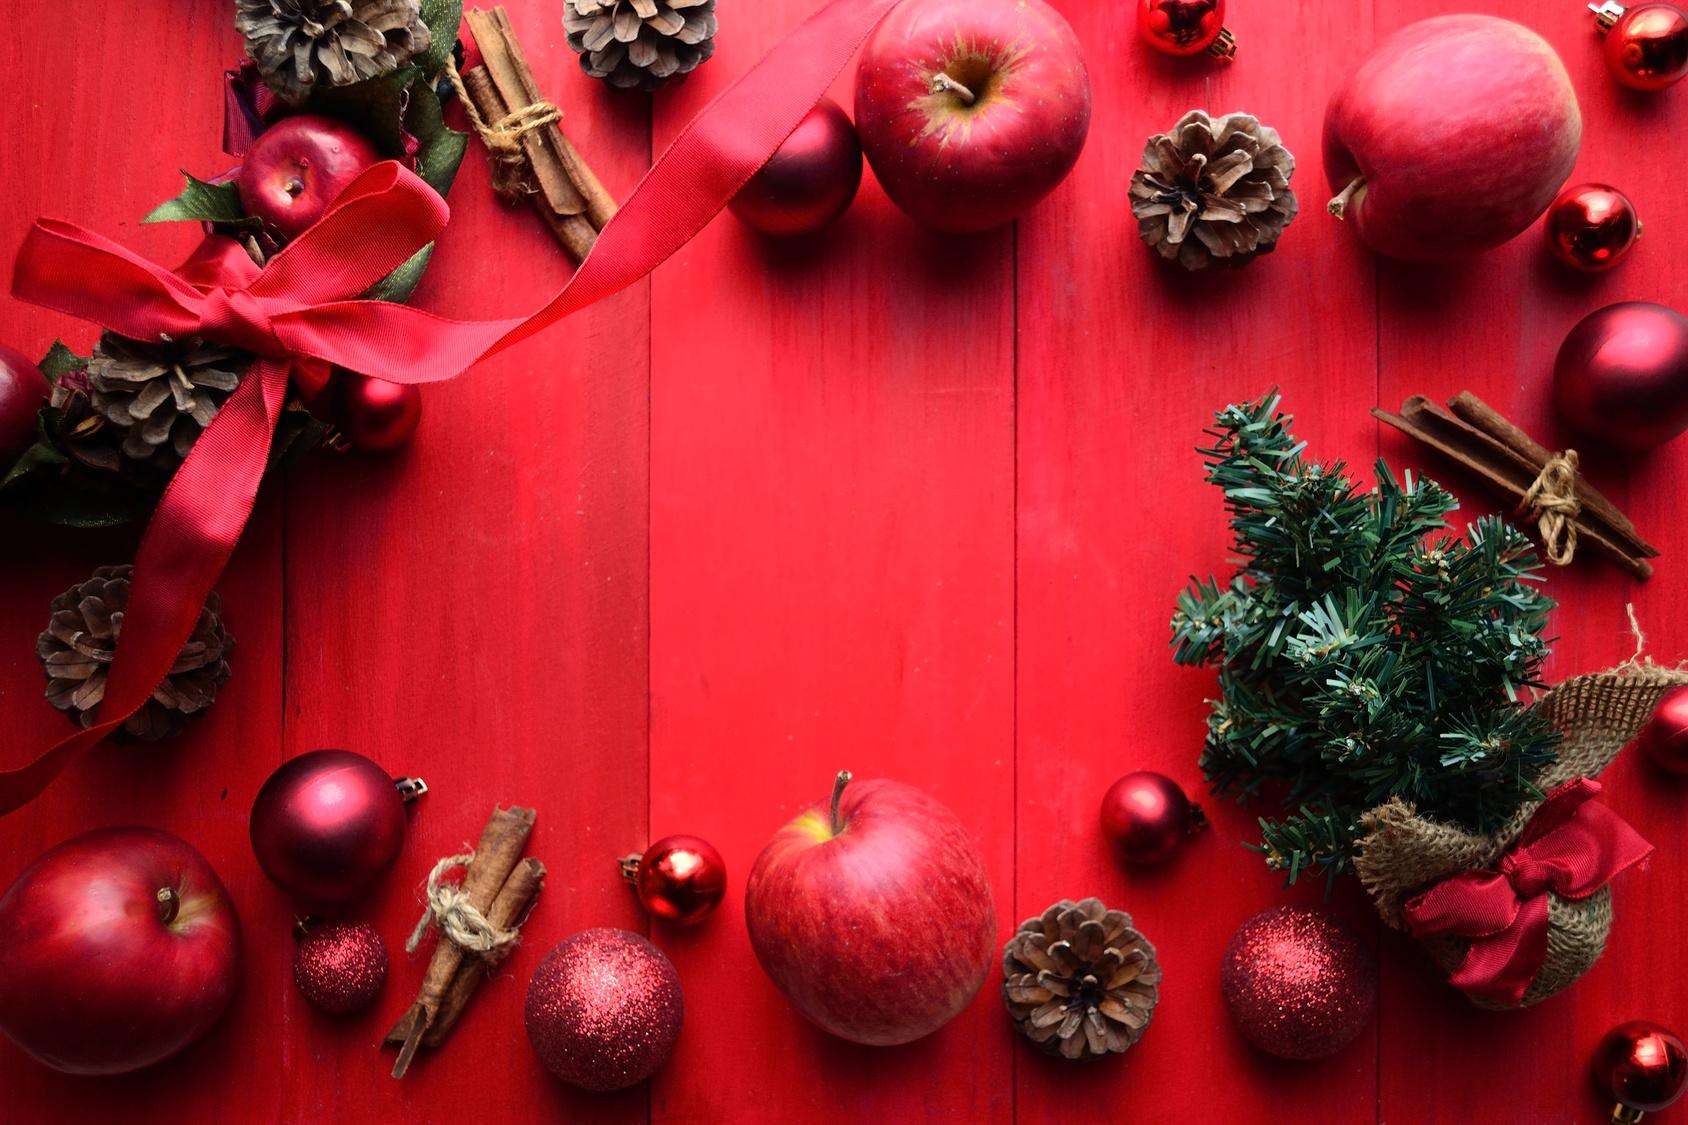 林檎のクリスマスリースとクリスマスツリー 赤色背景